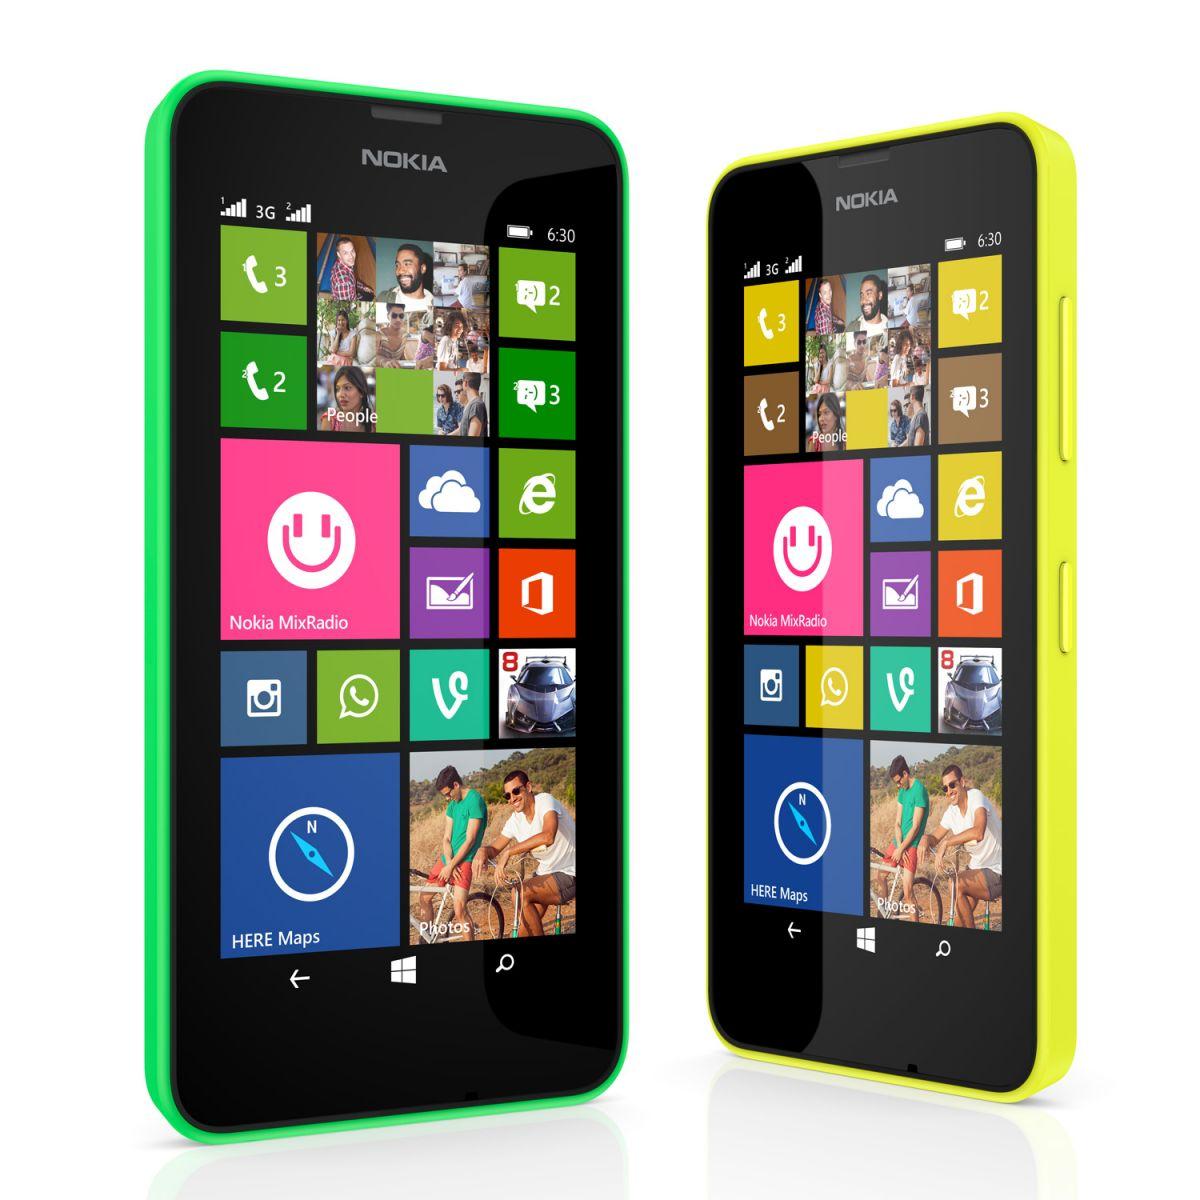 Nokia Lumia 630 tendrá un precio de 200 dólares en la India, de forma exclusiva.